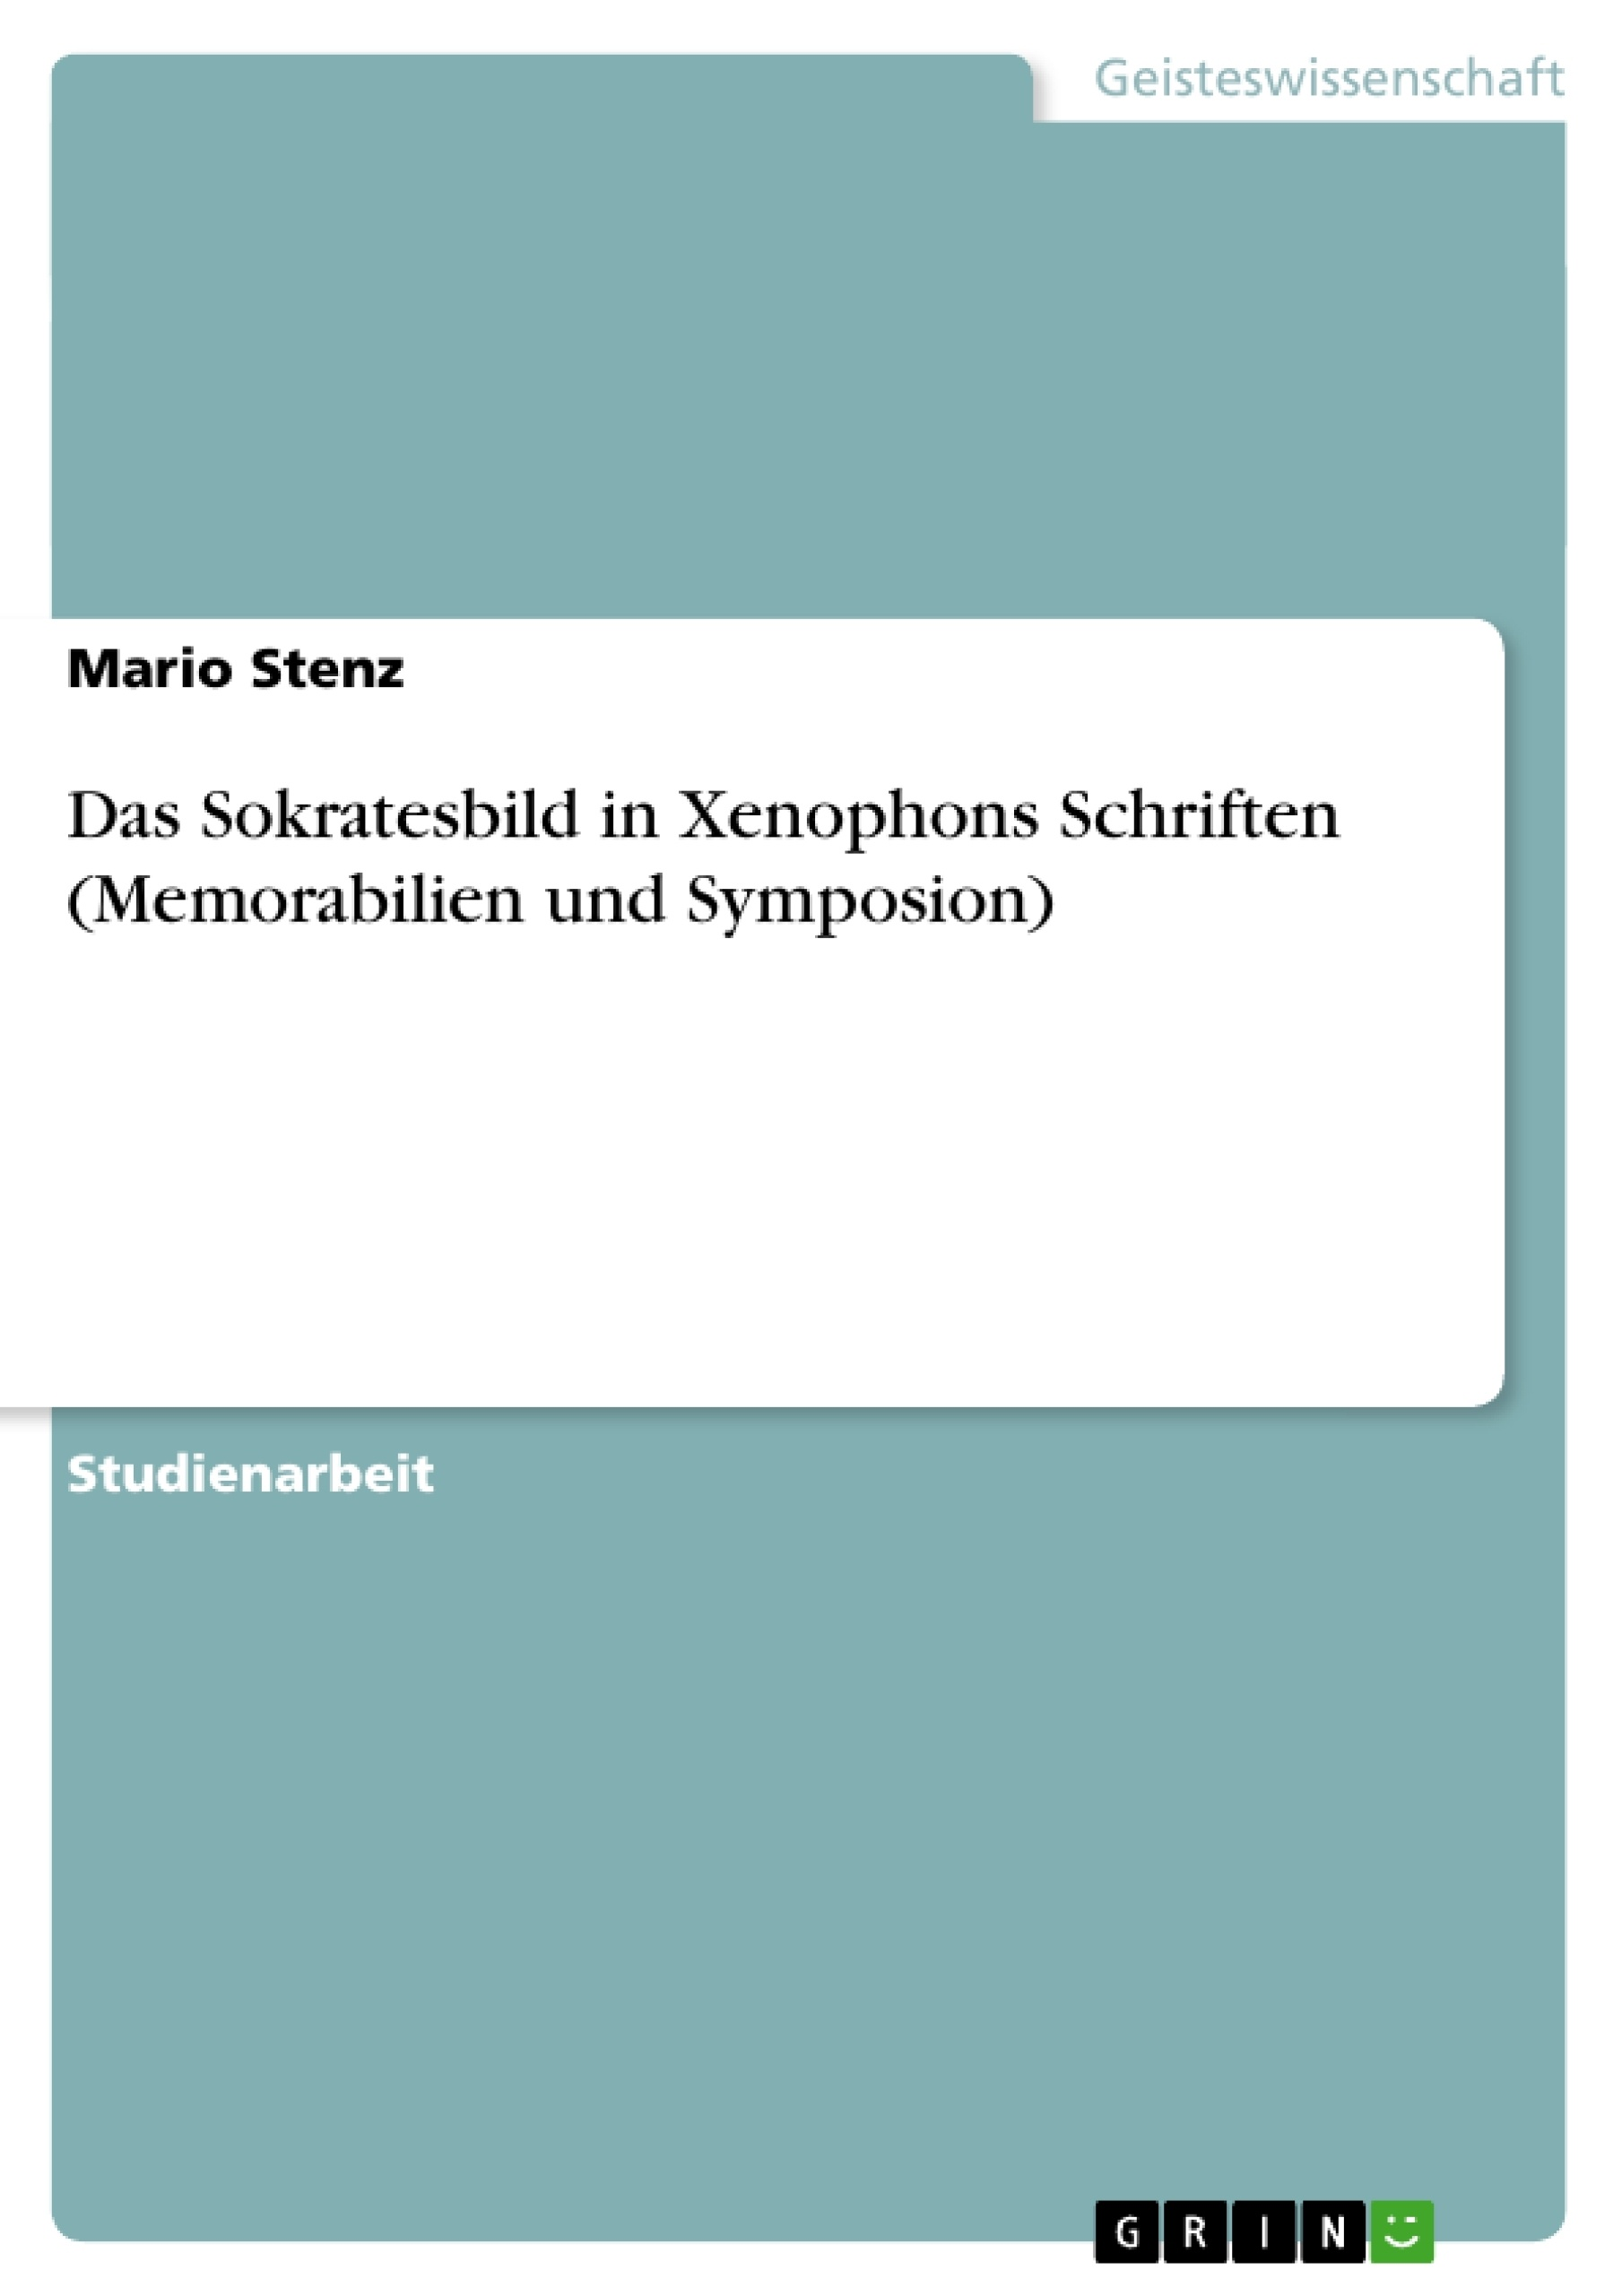 Titel: Das Sokratesbild in Xenophons Schriften (Memorabilien und Symposion)